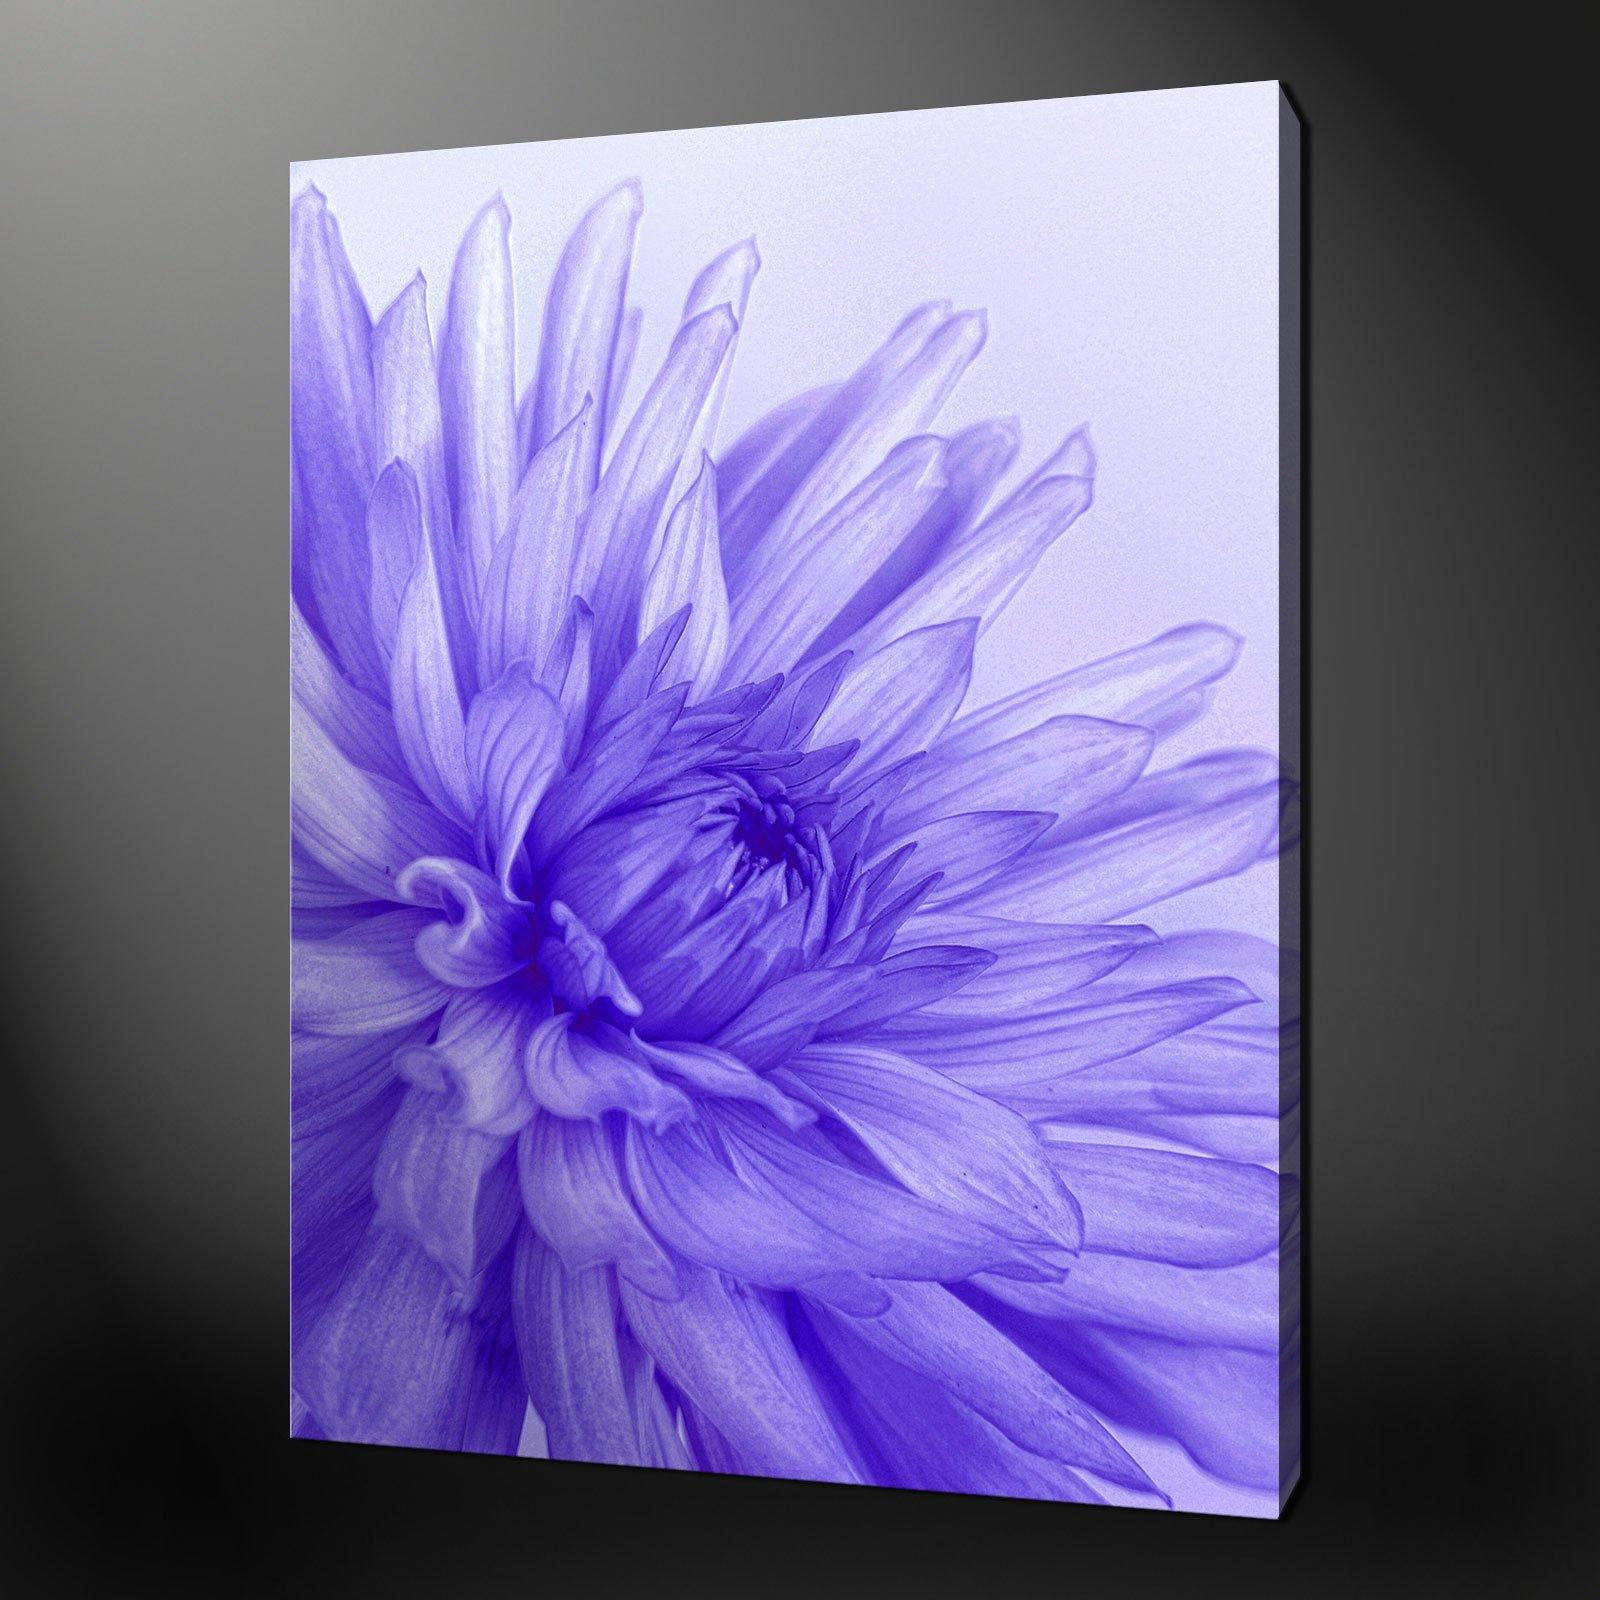 BLUE PURPLE FLOWER CANVAS WALL ART ...